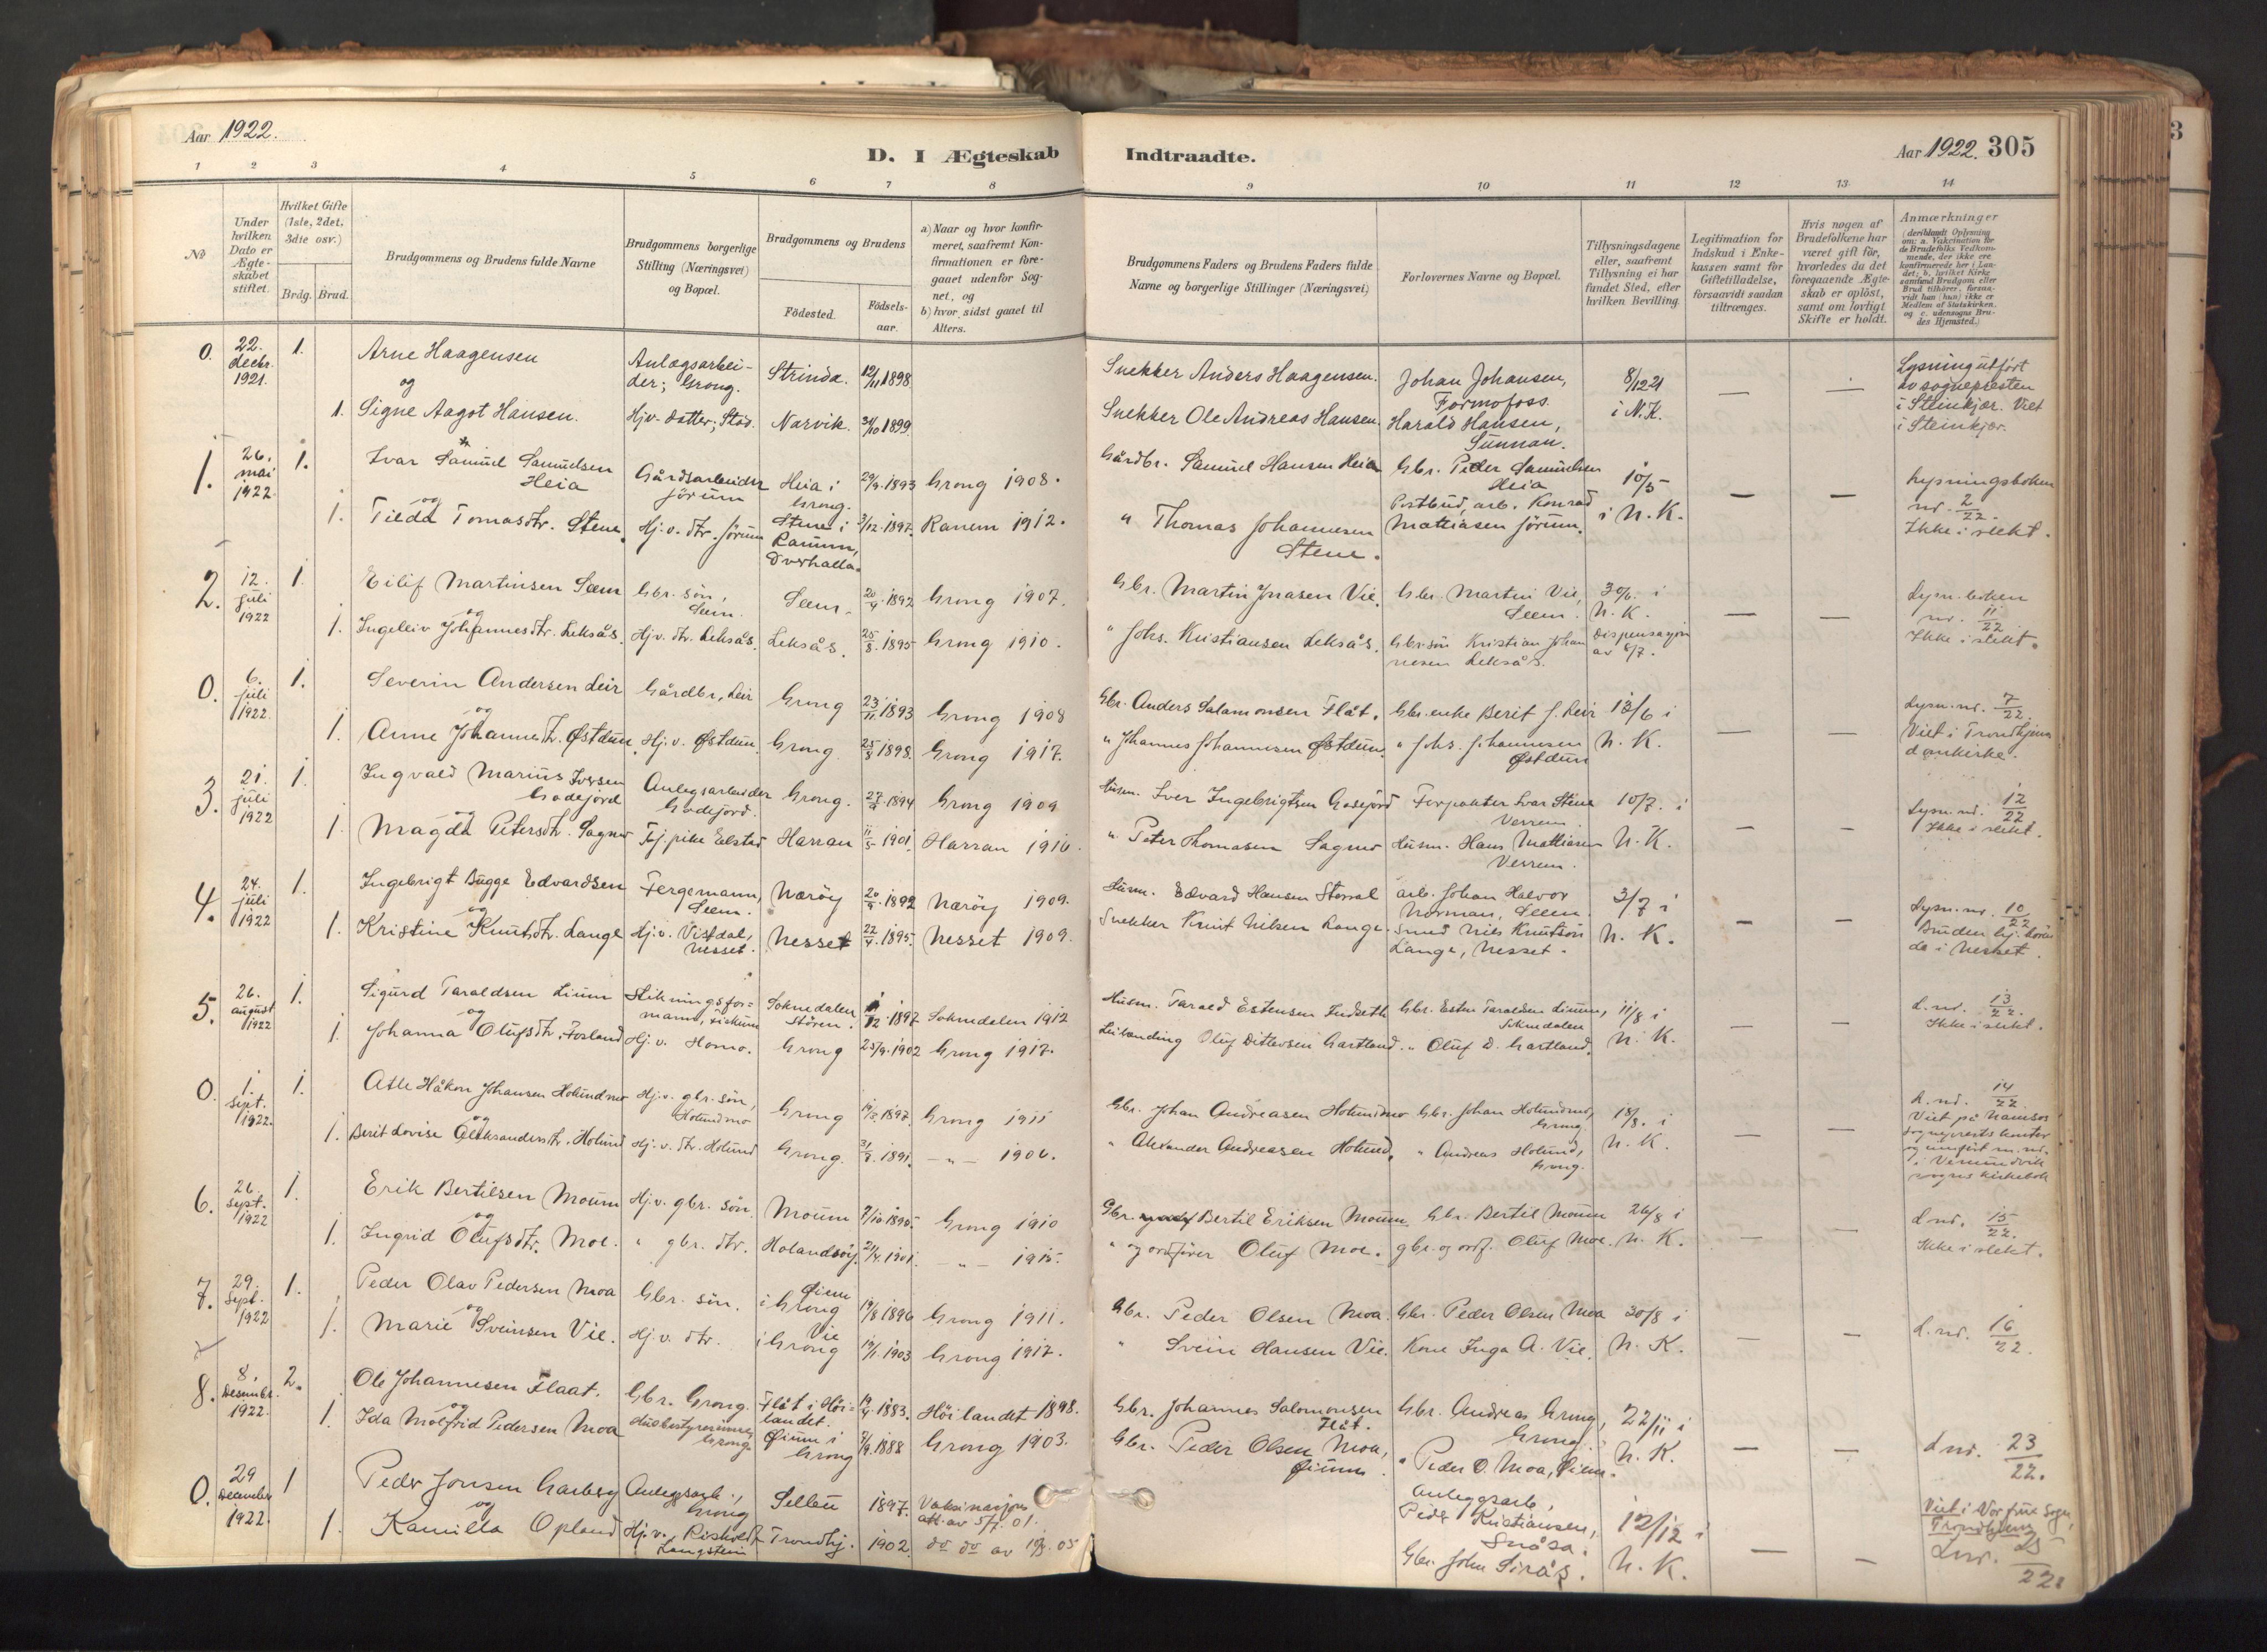 SAT, Ministerialprotokoller, klokkerbøker og fødselsregistre - Nord-Trøndelag, 758/L0519: Ministerialbok nr. 758A04, 1880-1926, s. 305